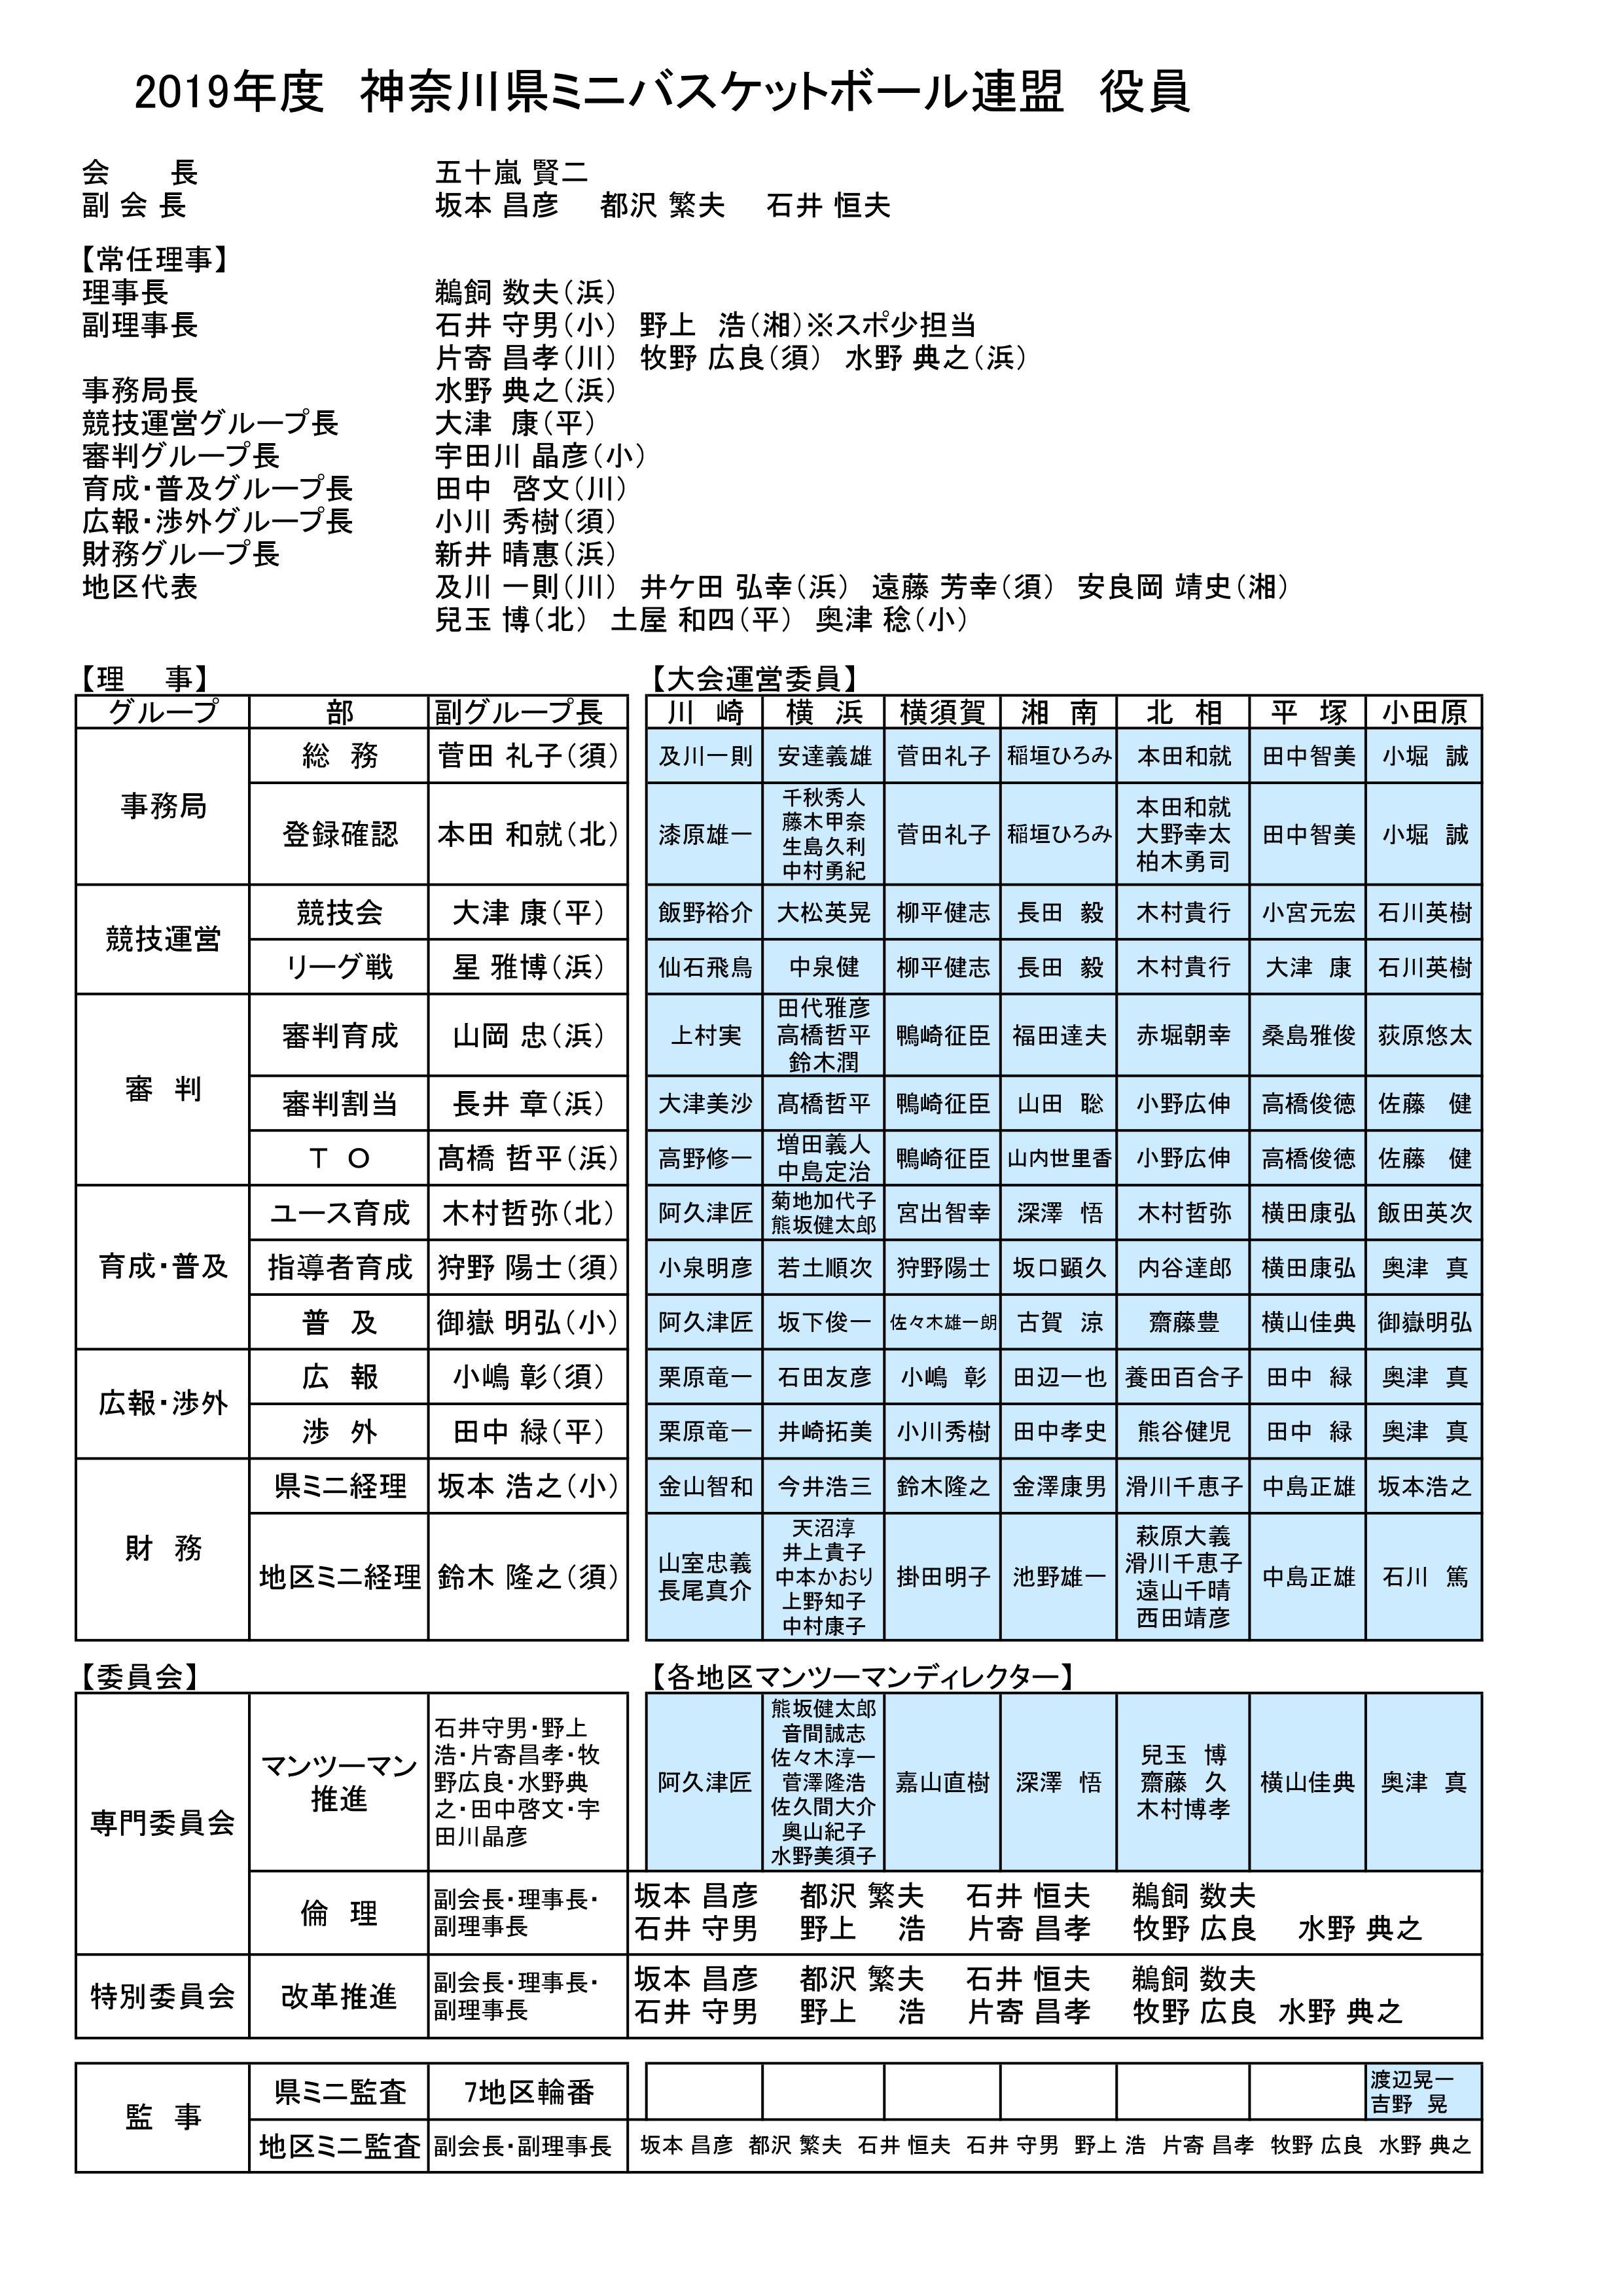 2019県役員表